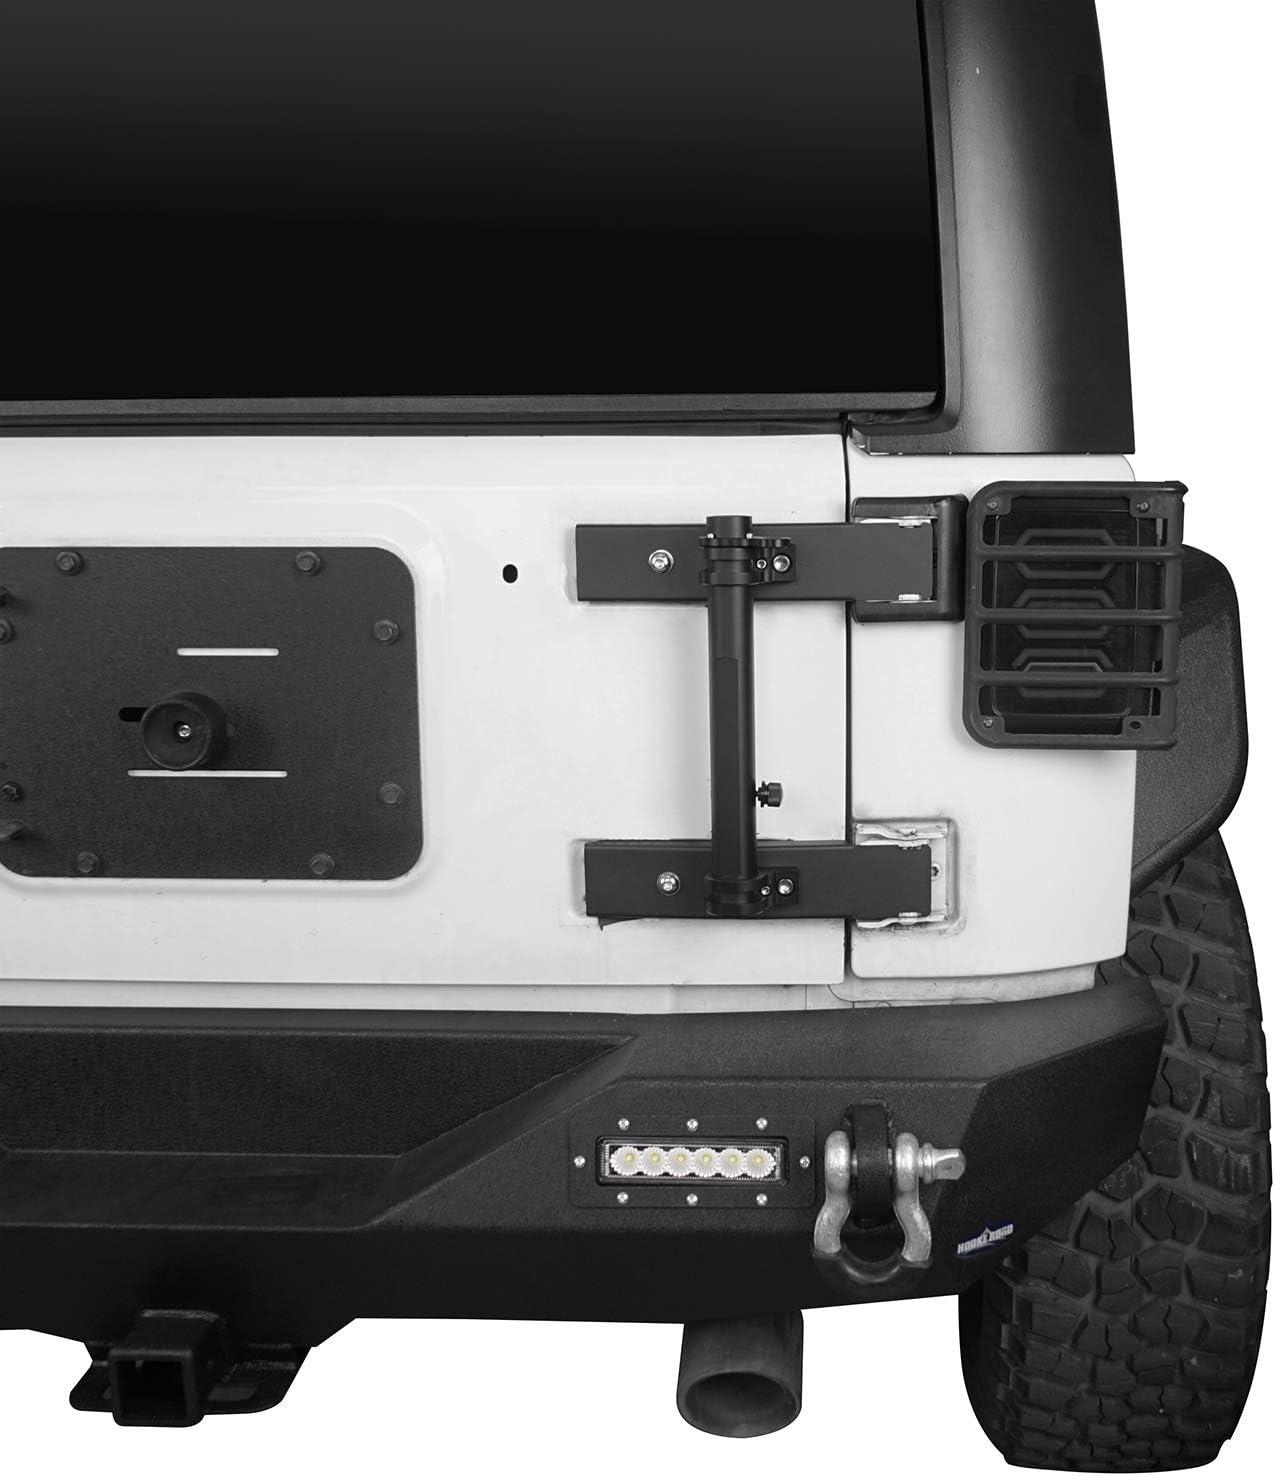 Hooke Road Tailgate Hinge Mounted Single Flag /& Antenna Holder Kit for Jeep Wrangler JK 07-18